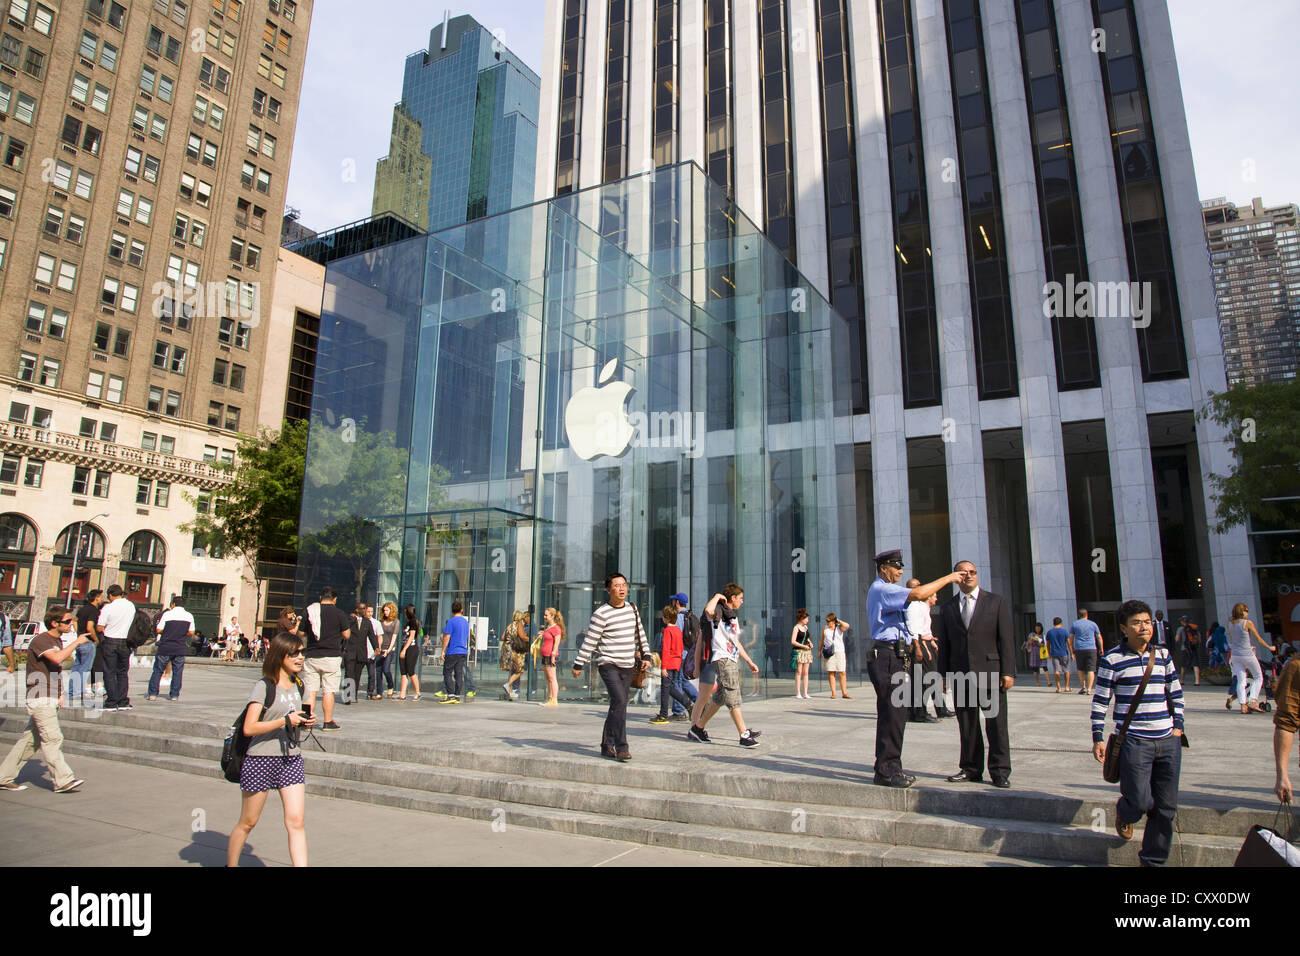 Das berühmte Glas Cube Eingang zum Apple Store auf der 5th Avenue in ...